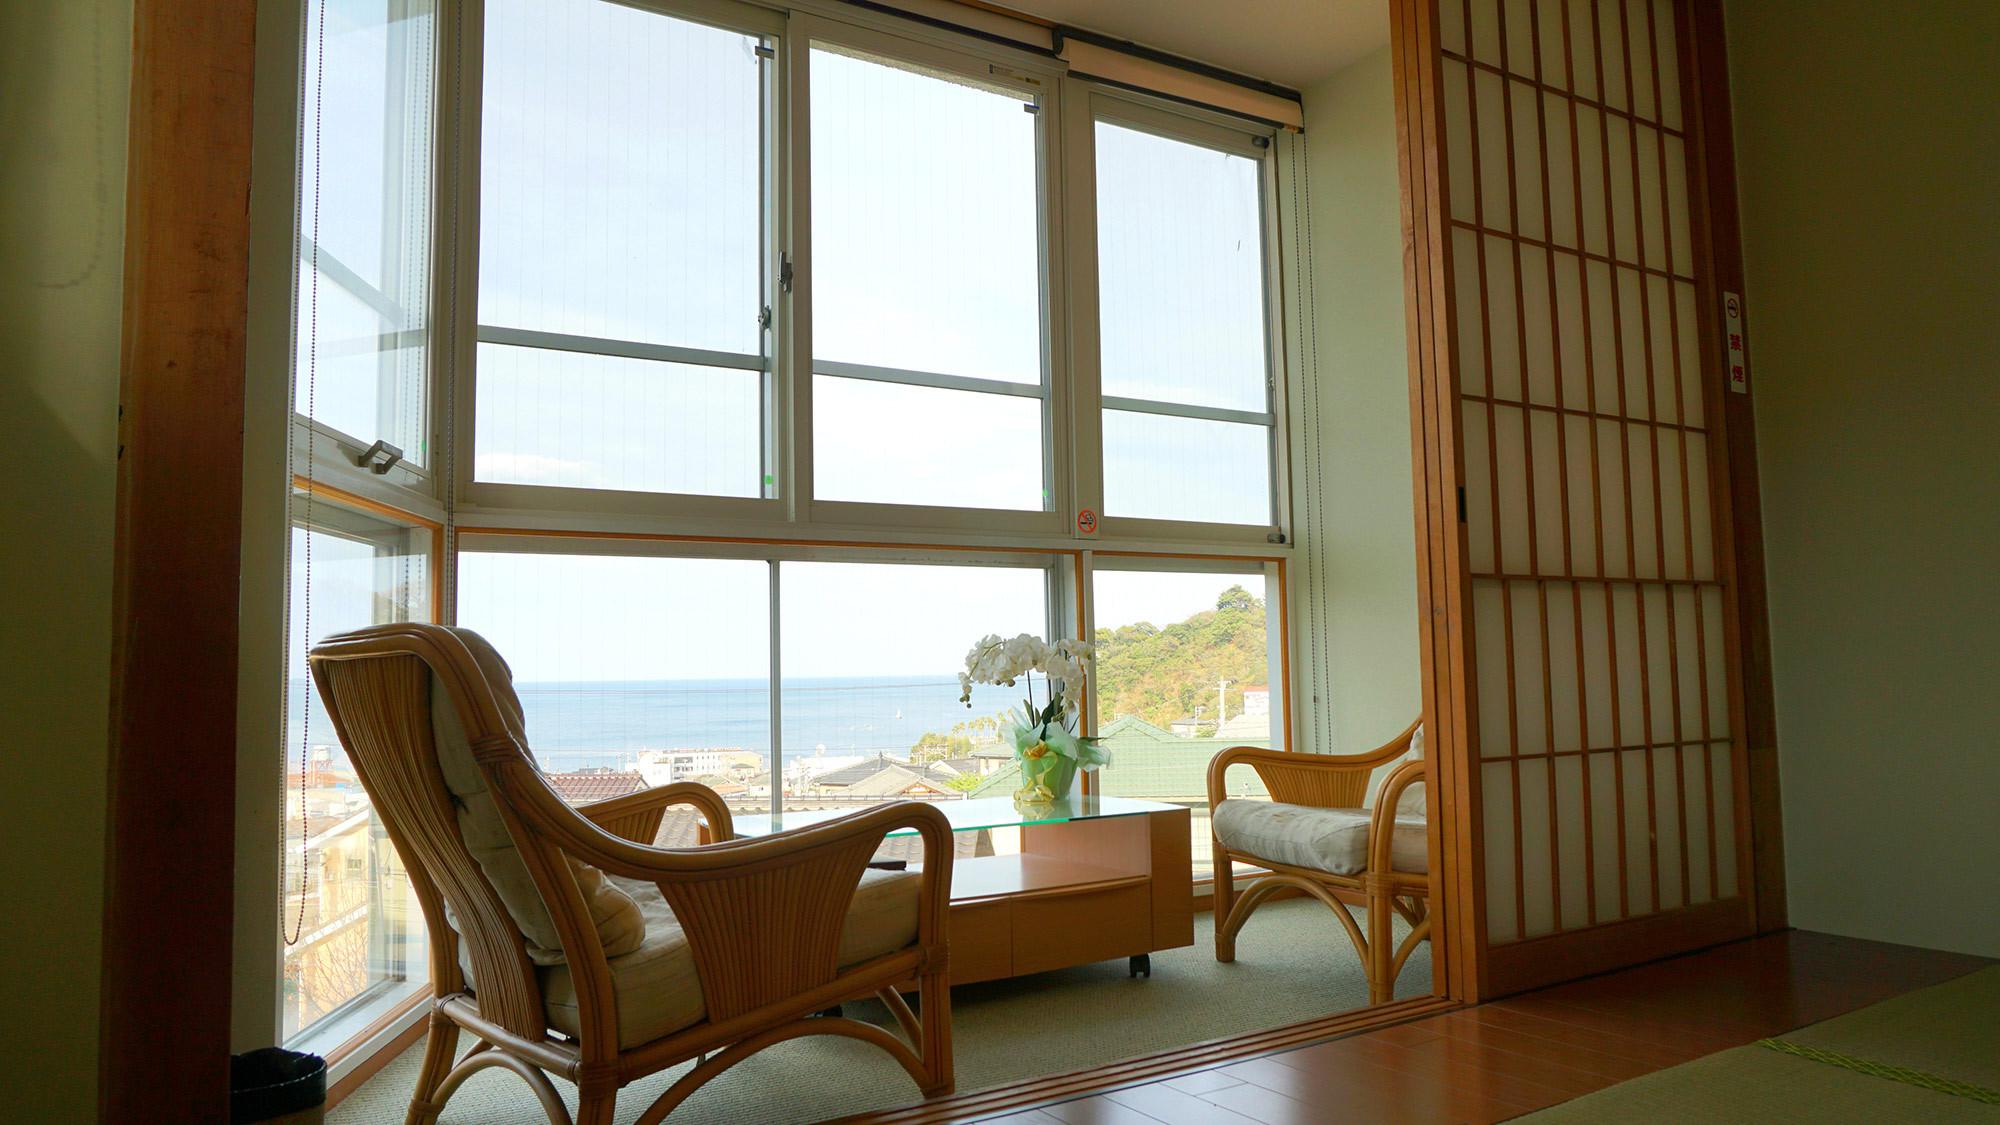 ・お部屋でのんびりと眺望を貸し切ってお楽しみください